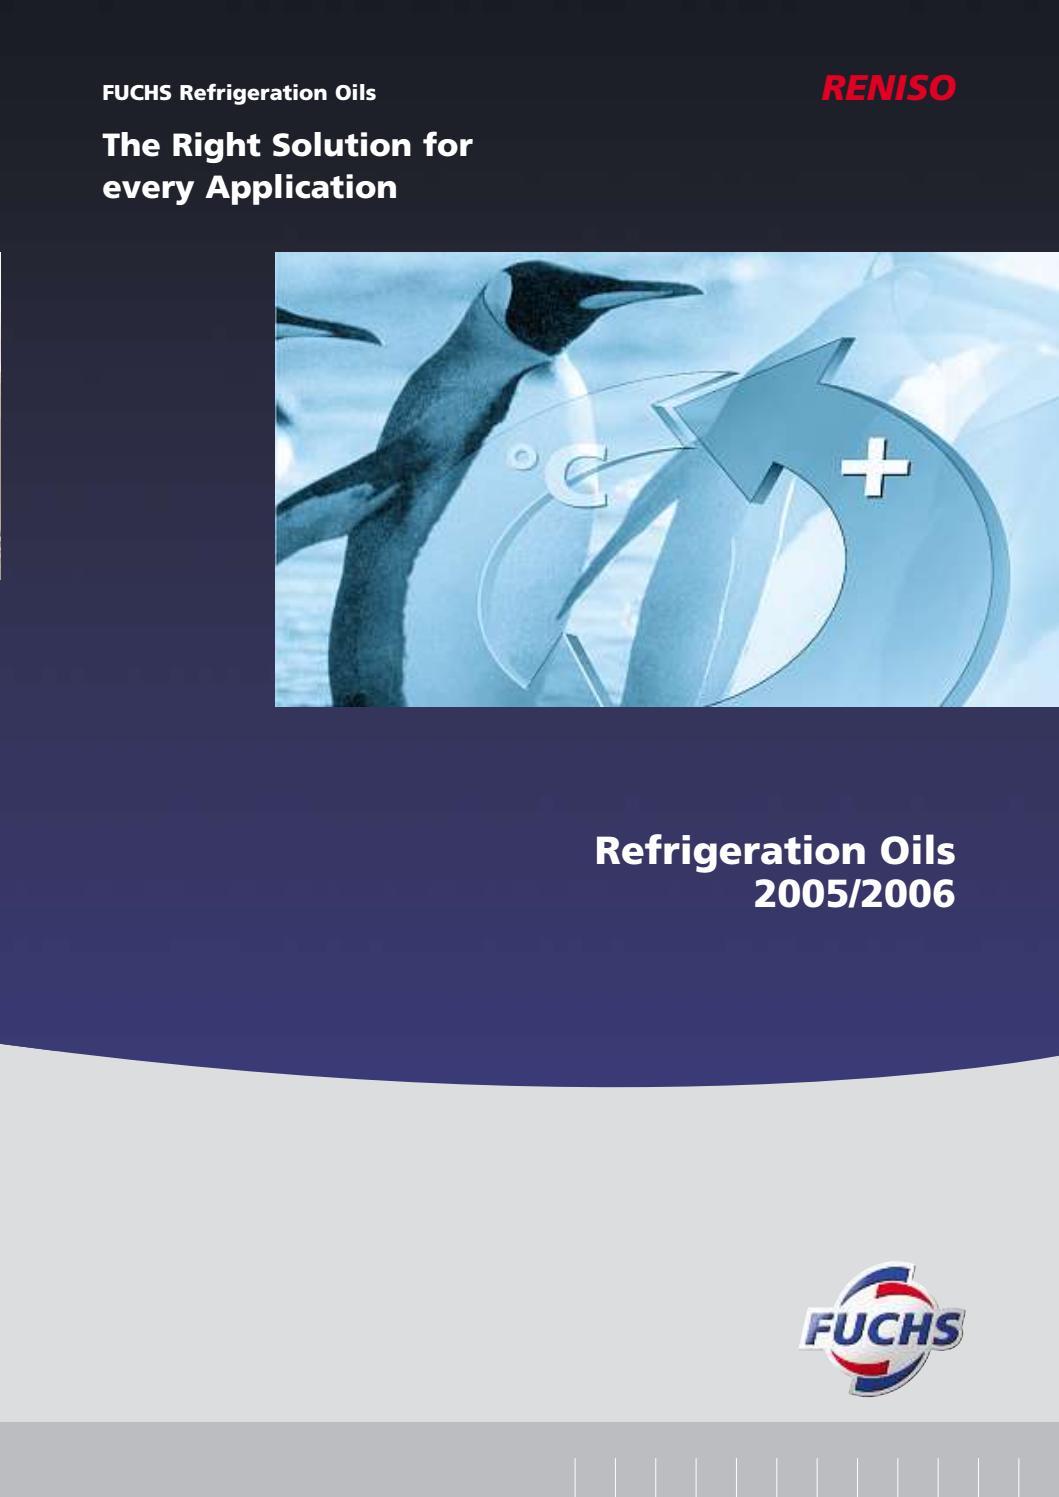 Fuchs Refrigeration oil - Ghanim Trading LLC  Dubai -UAE by